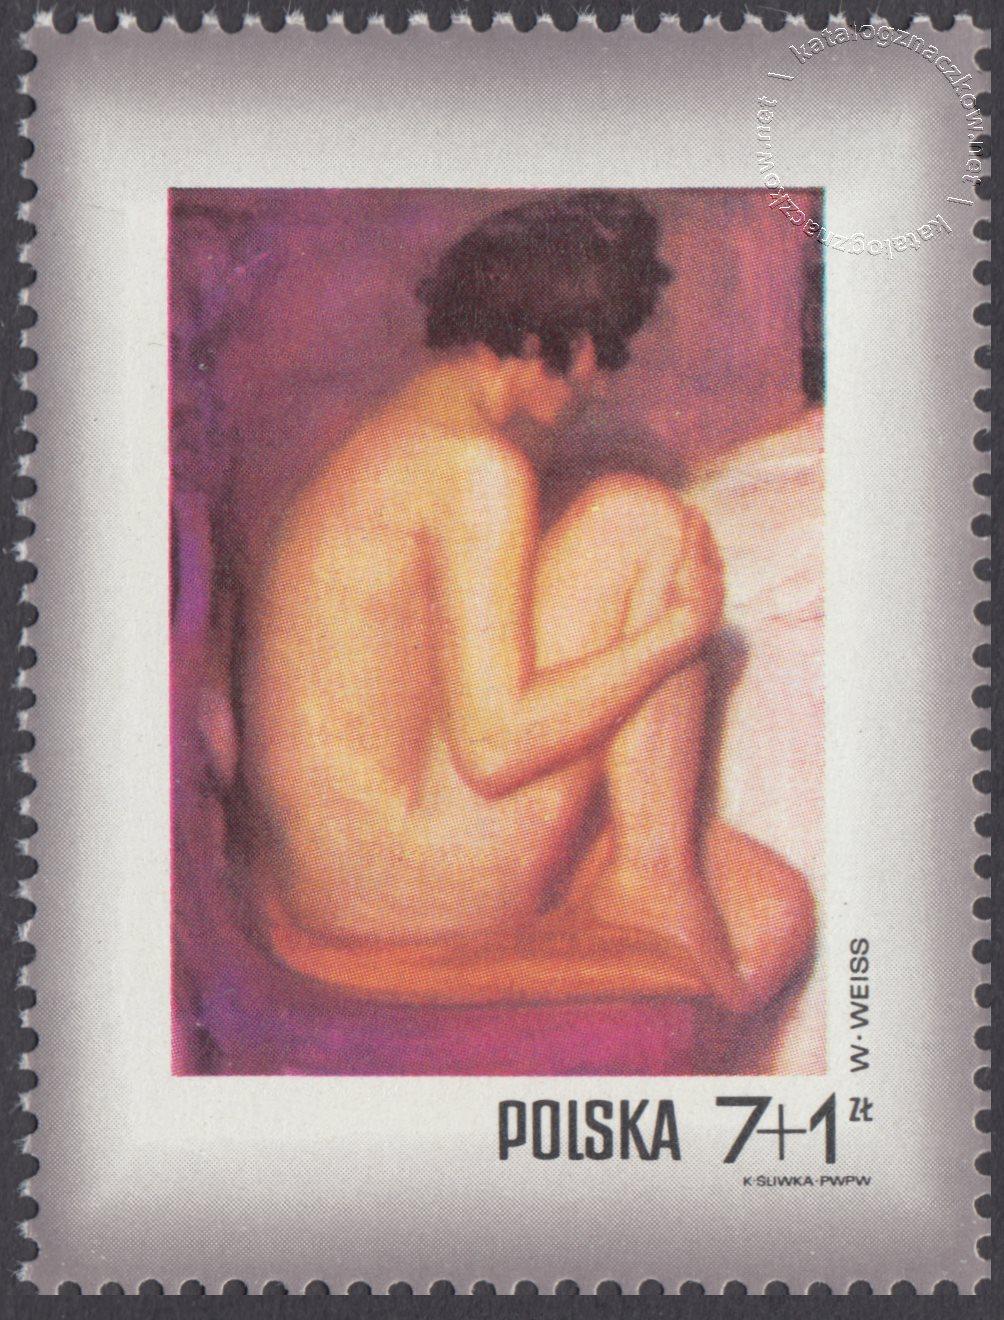 Dzień Znaczka – kobieta w malarstwie polskim znaczek nr 1970